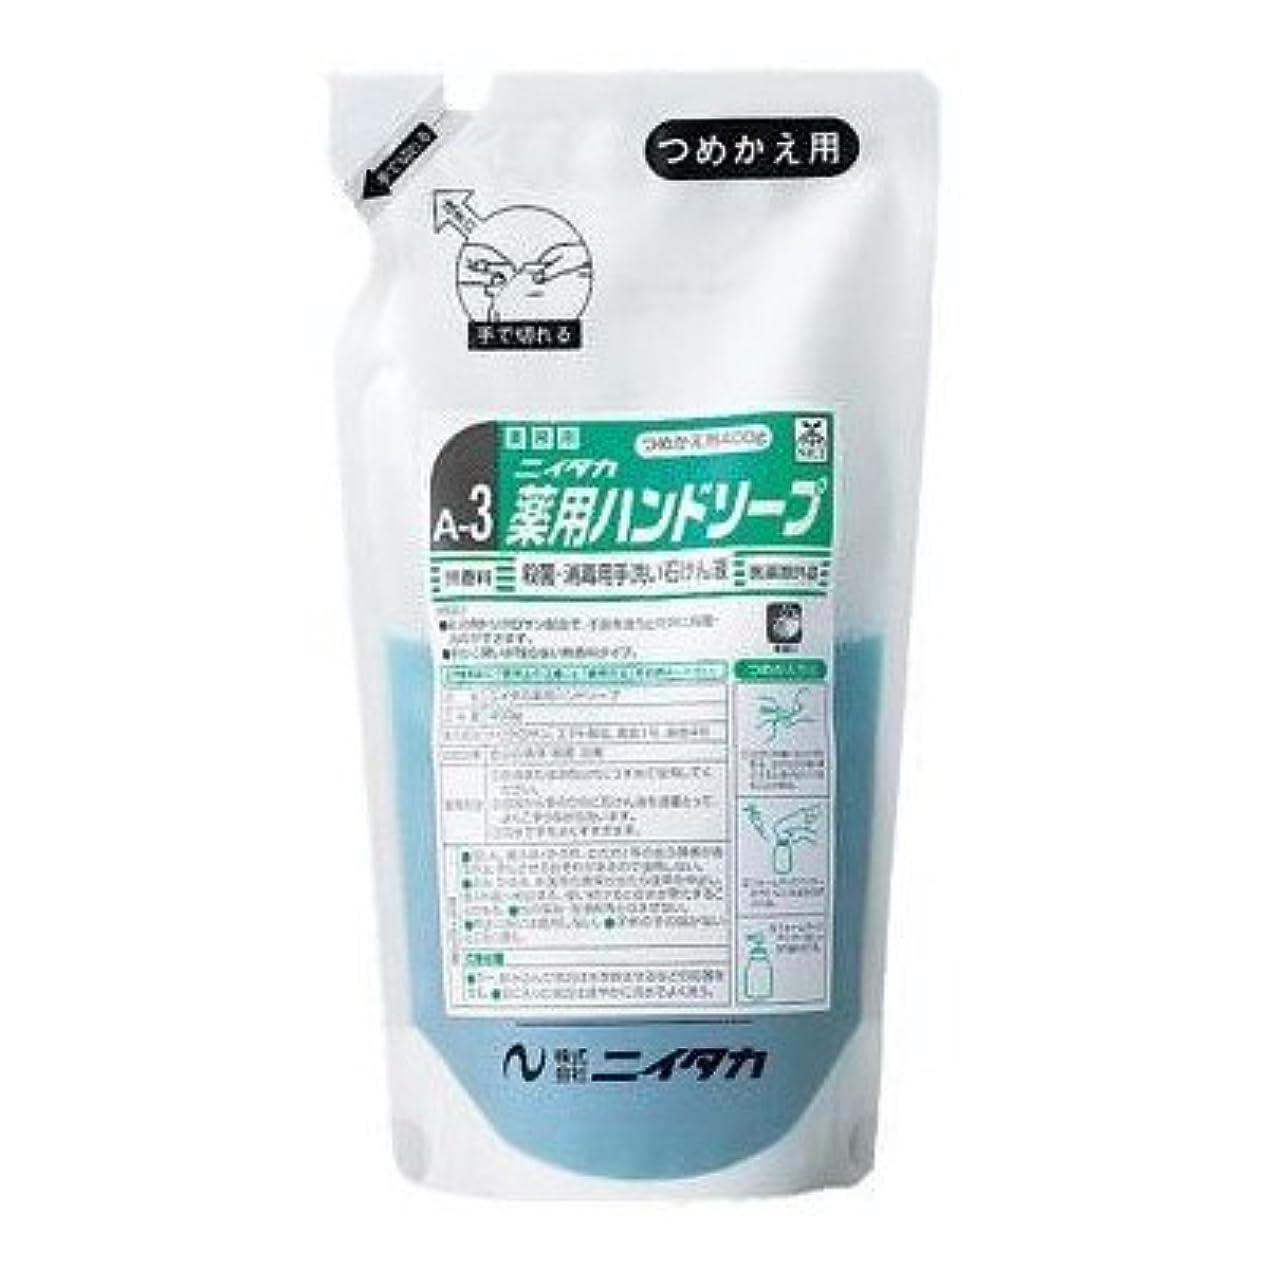 鉄おじさん水っぽいニイタカ 業務用手洗い石けん液 薬用ハンドソープ(A-3) 400g×6本